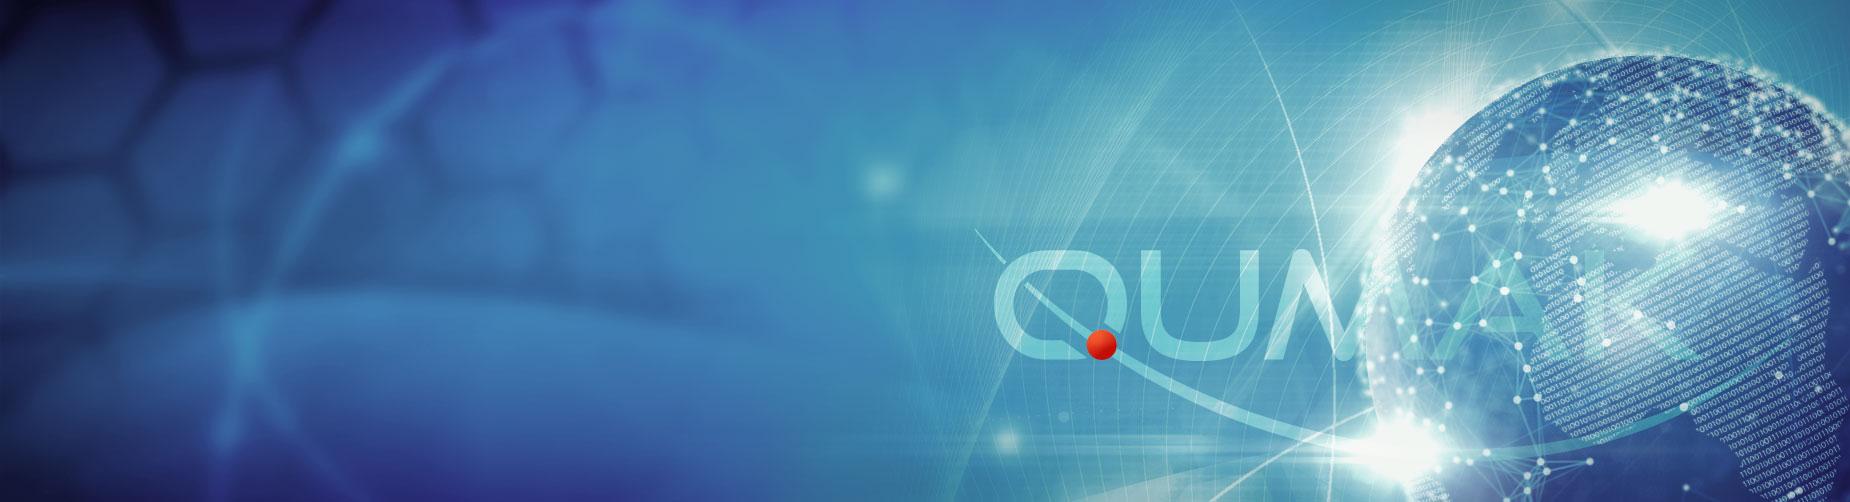 Qumak Przyszlosc to technologia lider rynku ICT